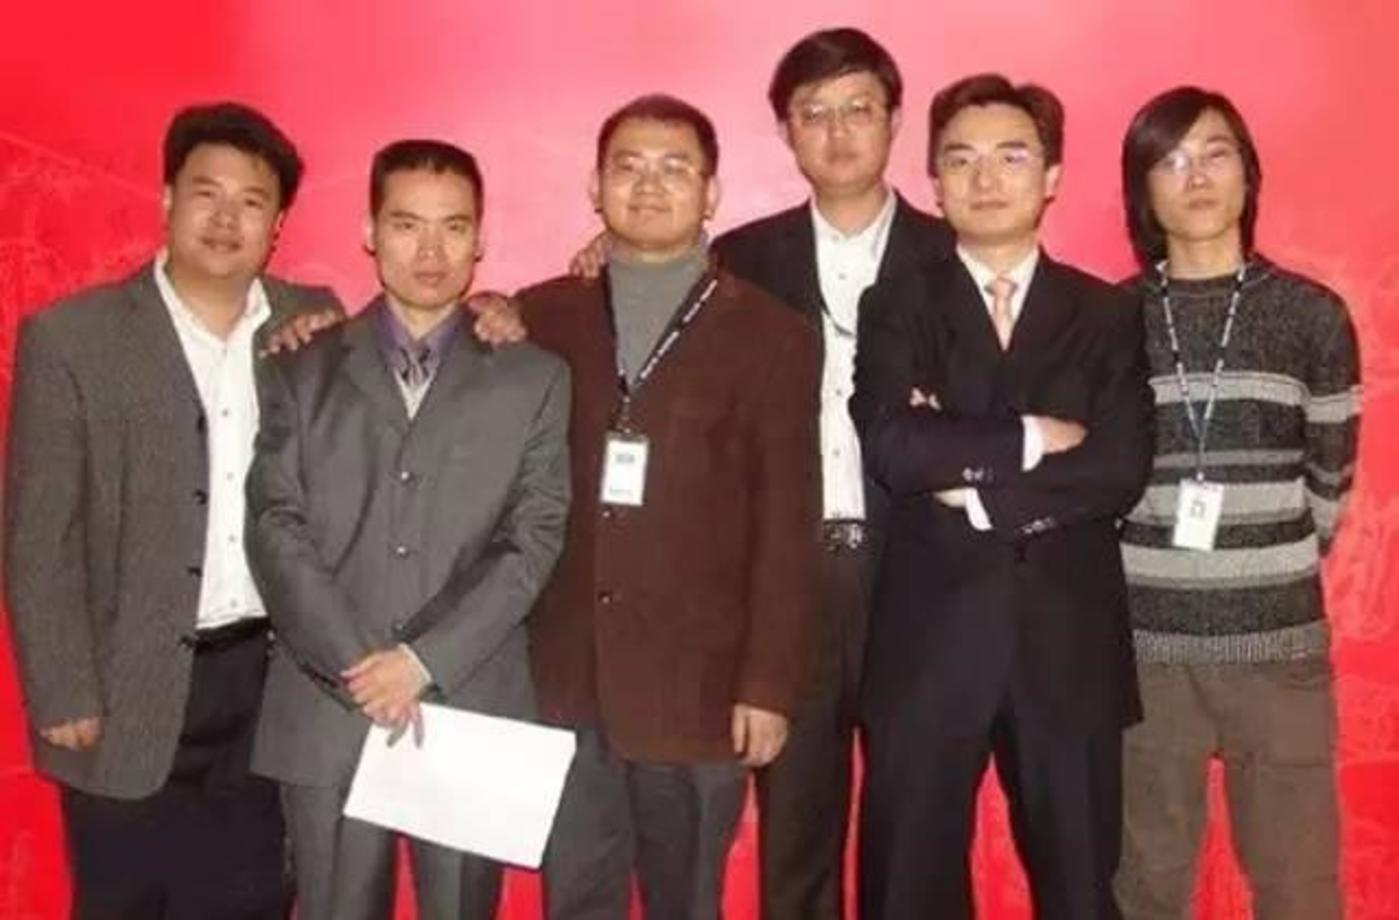 起点中文网创始团队,从左至右依次为意者(侯庆辰)、黑暗之心(吴文辉)、宝剑锋(林庭锋)、藏剑江南(商学松)、黑暗左手(罗立)、五号蚂蚁(郑红波)